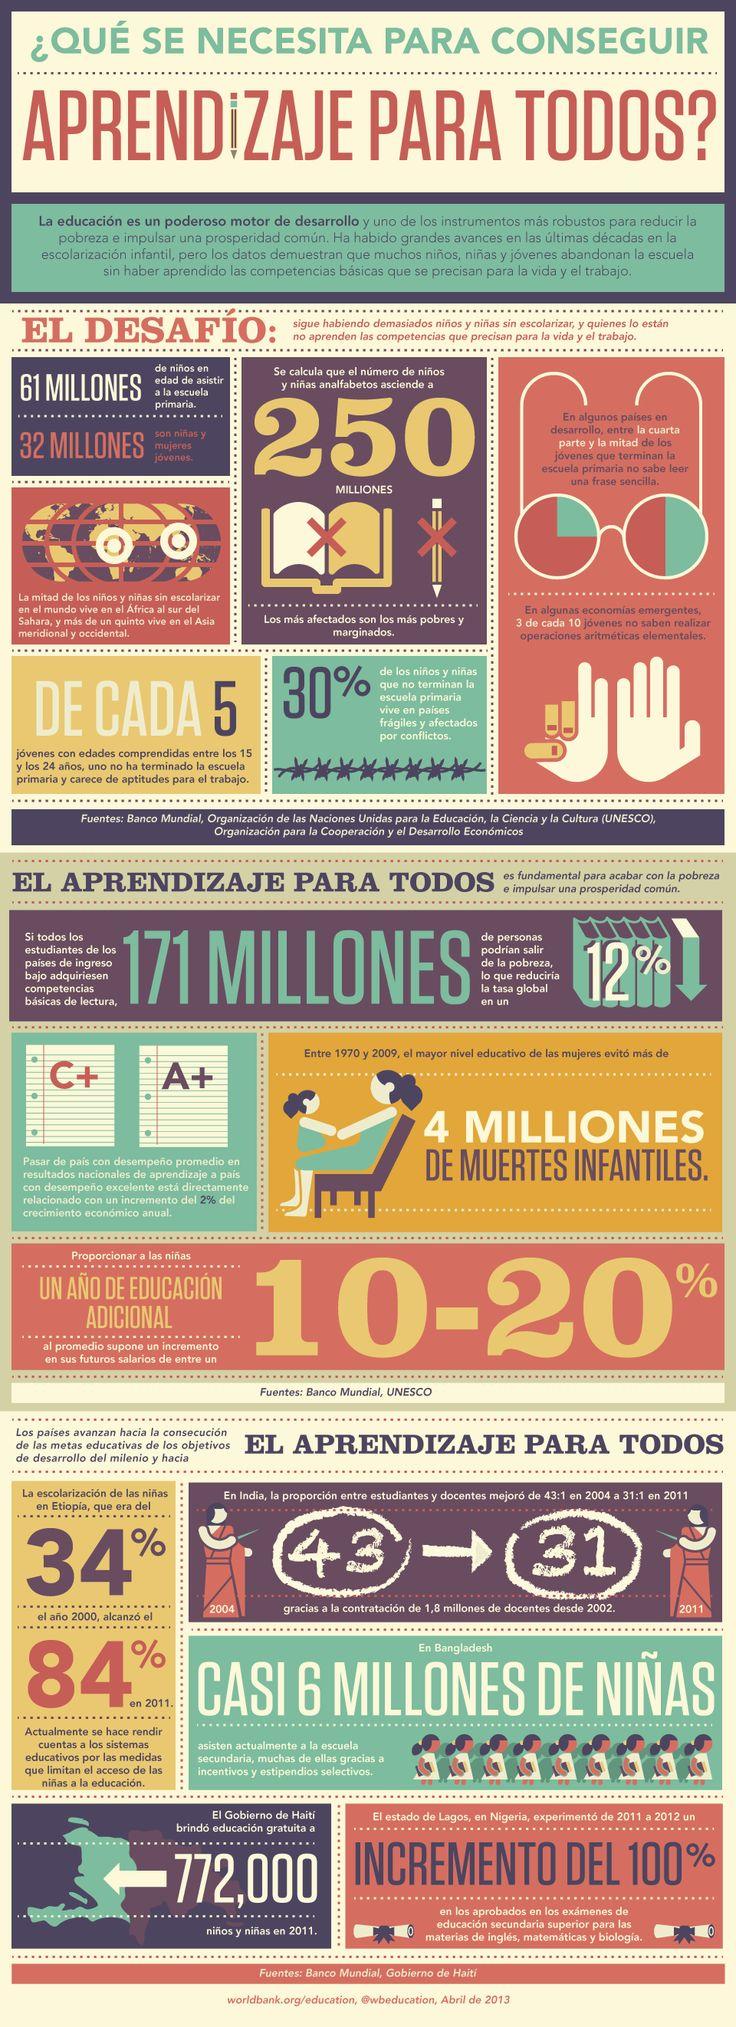 ¿Qué se necesita para conseguir la #educación universal? #infografia #infographic #education